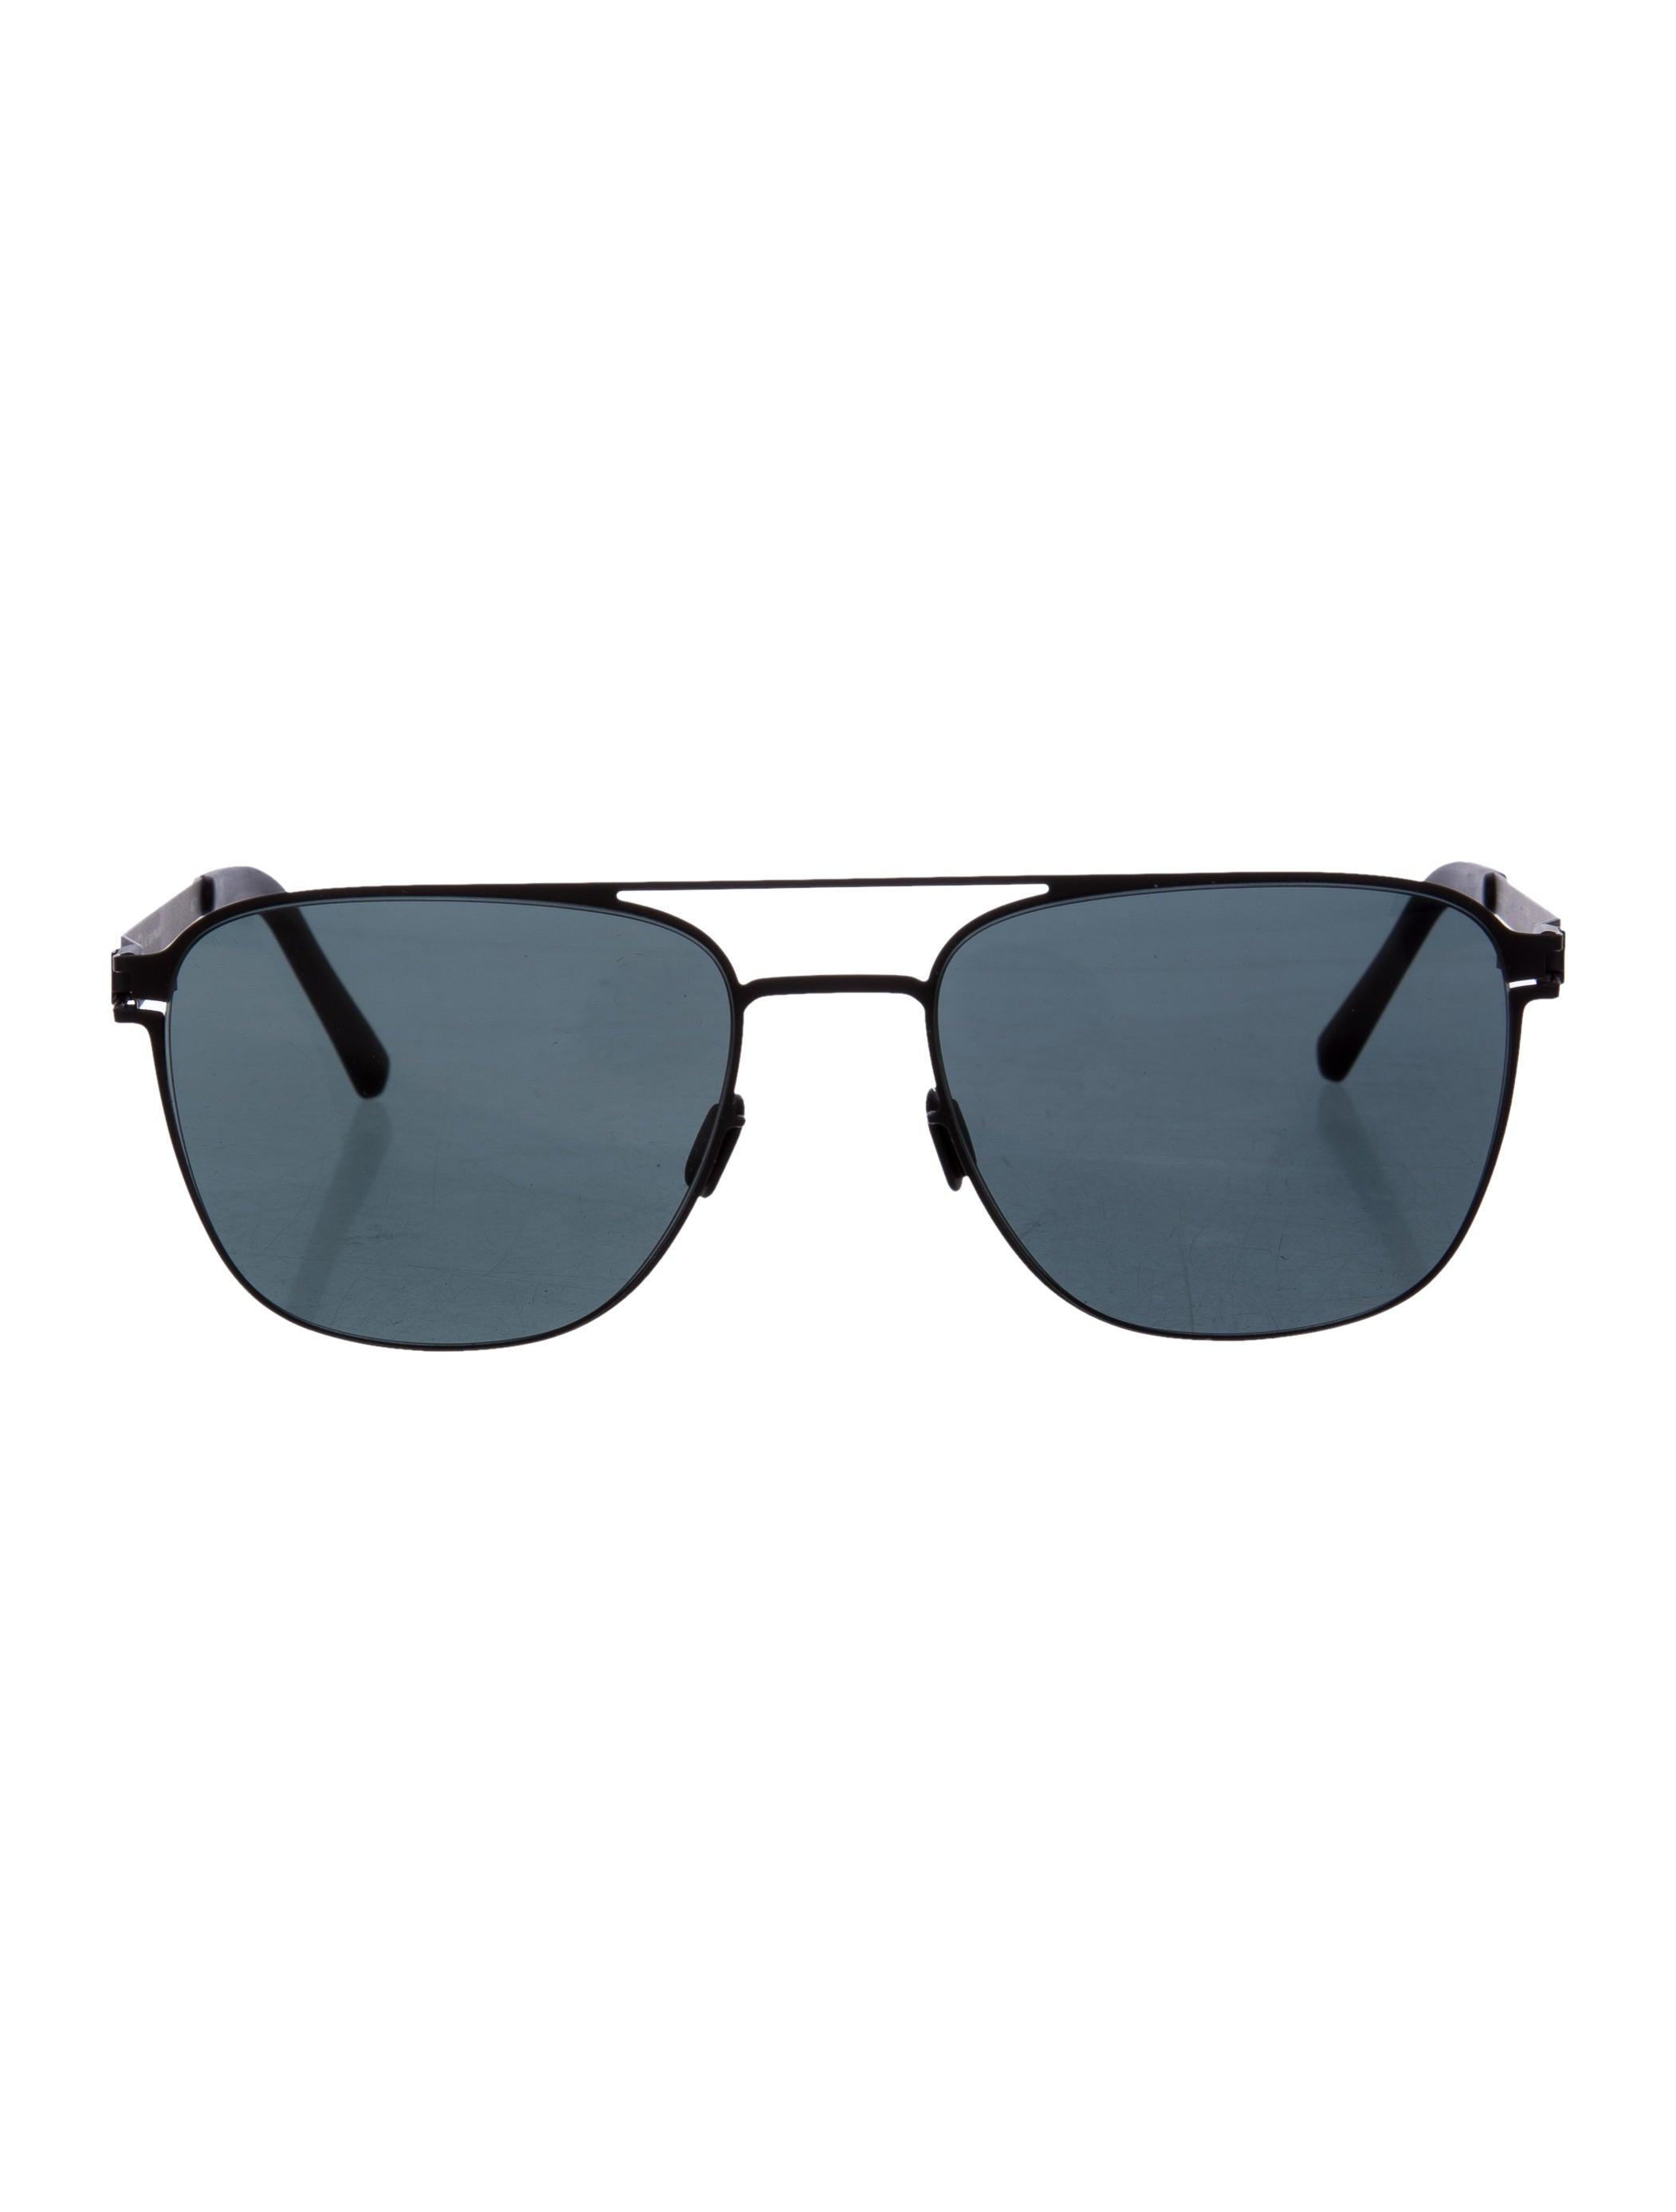 c1fb82bf5fe06 Mykita Rankin Polarized Sunglasses - Accessories - MYK20054   The RealReal